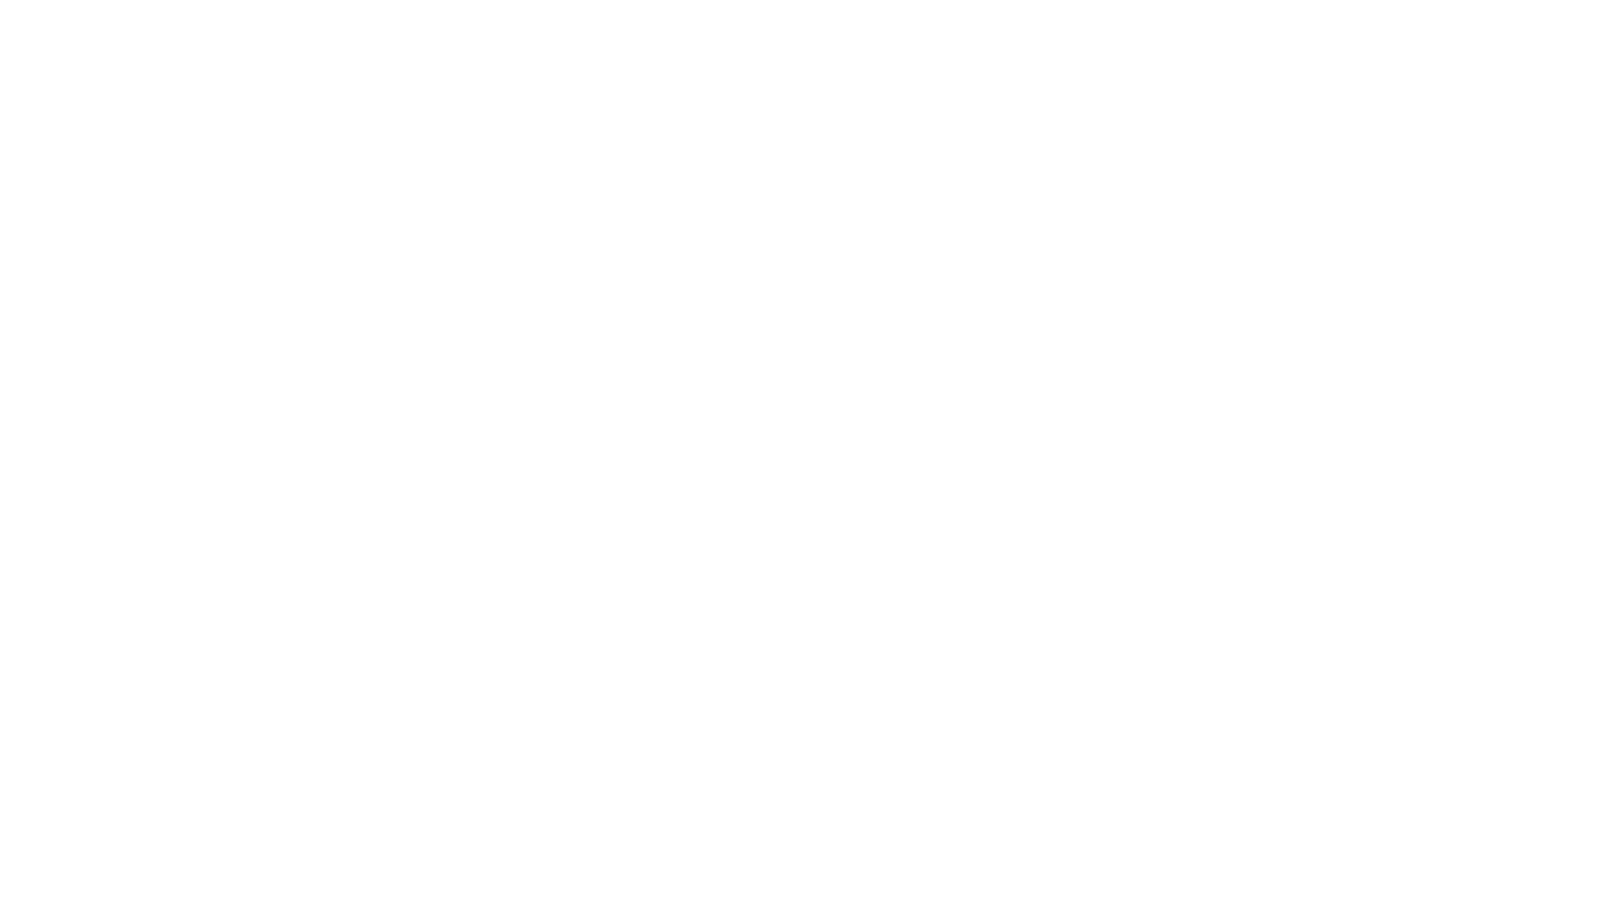 Teknolojik gelişmelerin ve tecrübelerin internet ortamına aktarılarak bilgi paylaşımının benimsenmesini hedef alan bir sanal platformdur.  2009 yılında yayın hayatına başladı. www.panzehir.net